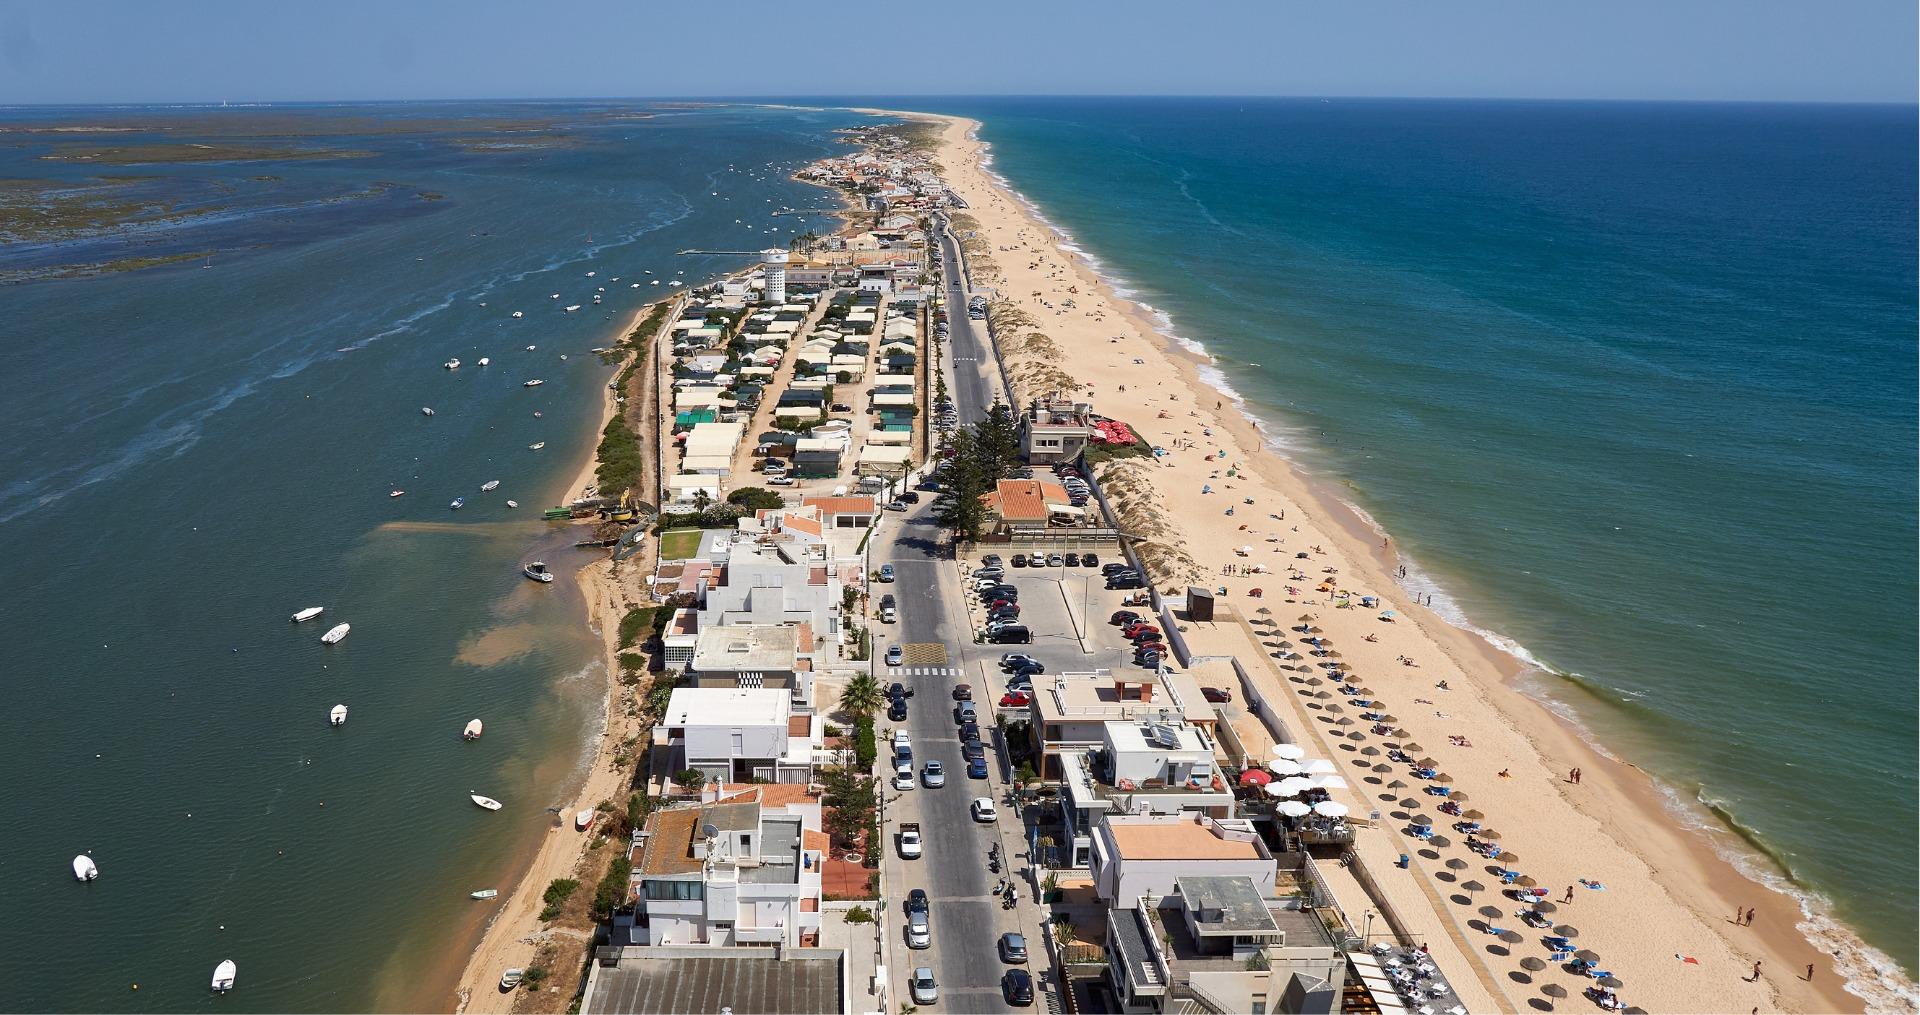 Jogos de Praia - Por um Oceano sem Plástico | Dia Mundial do Ambiente